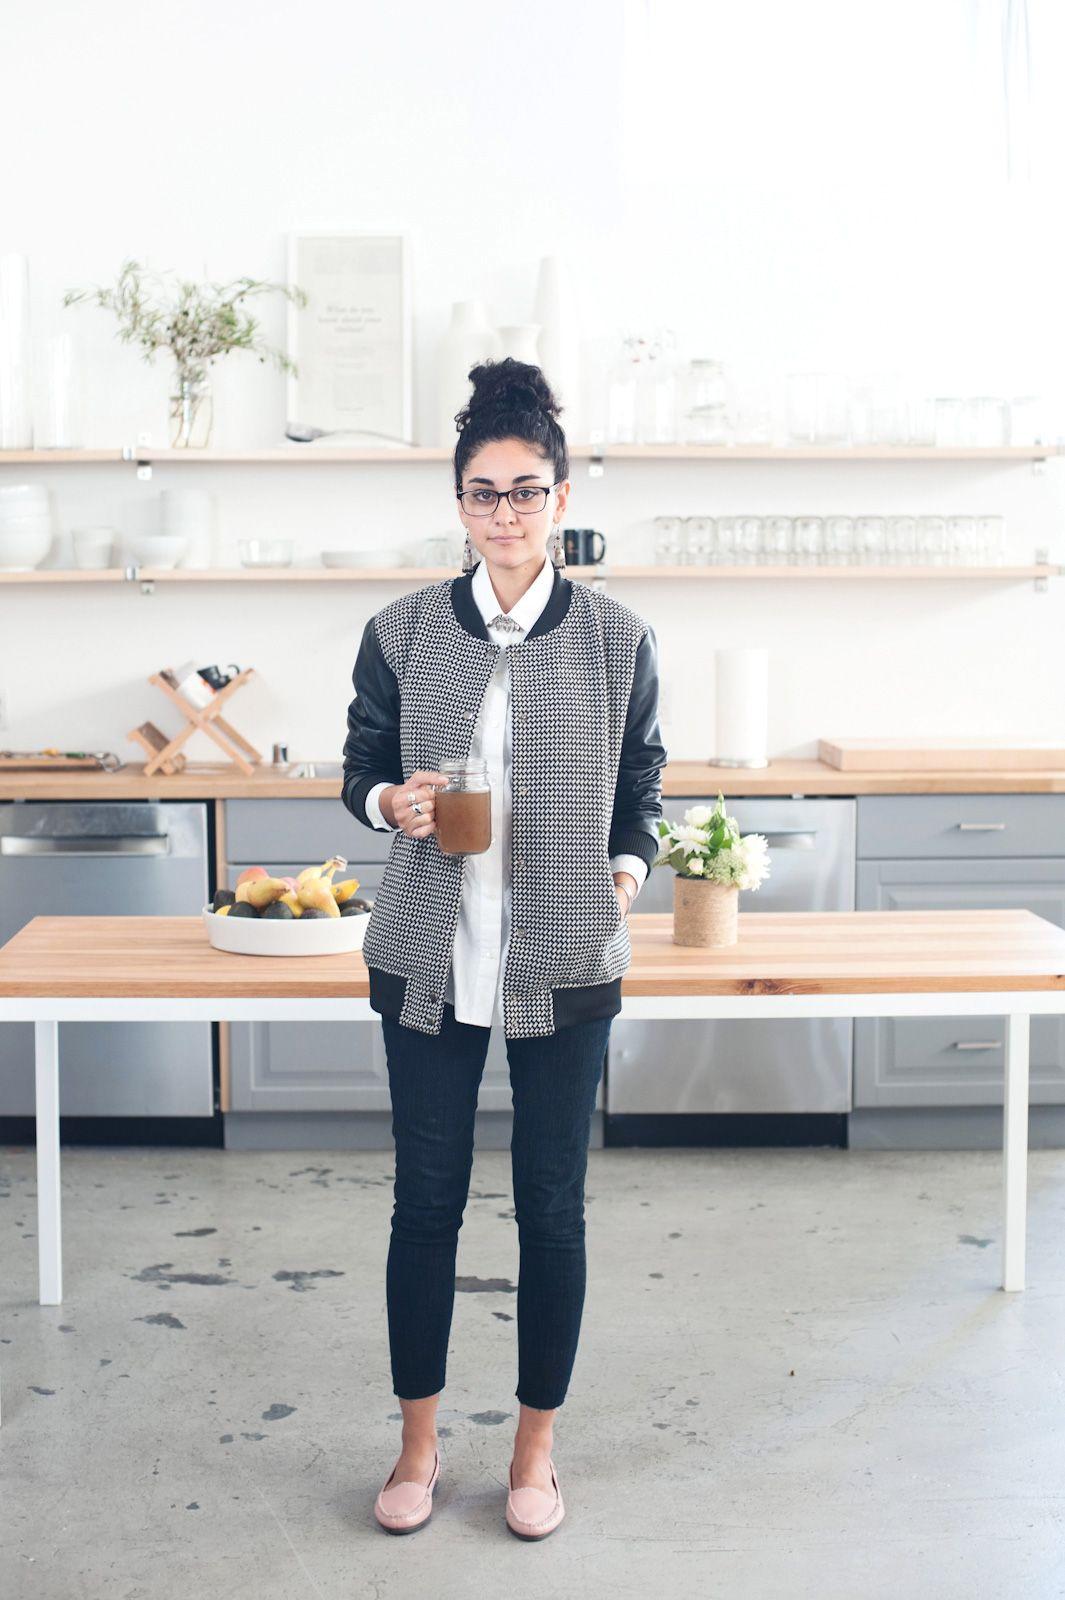 minimalism style tips everlane office tour minimalism